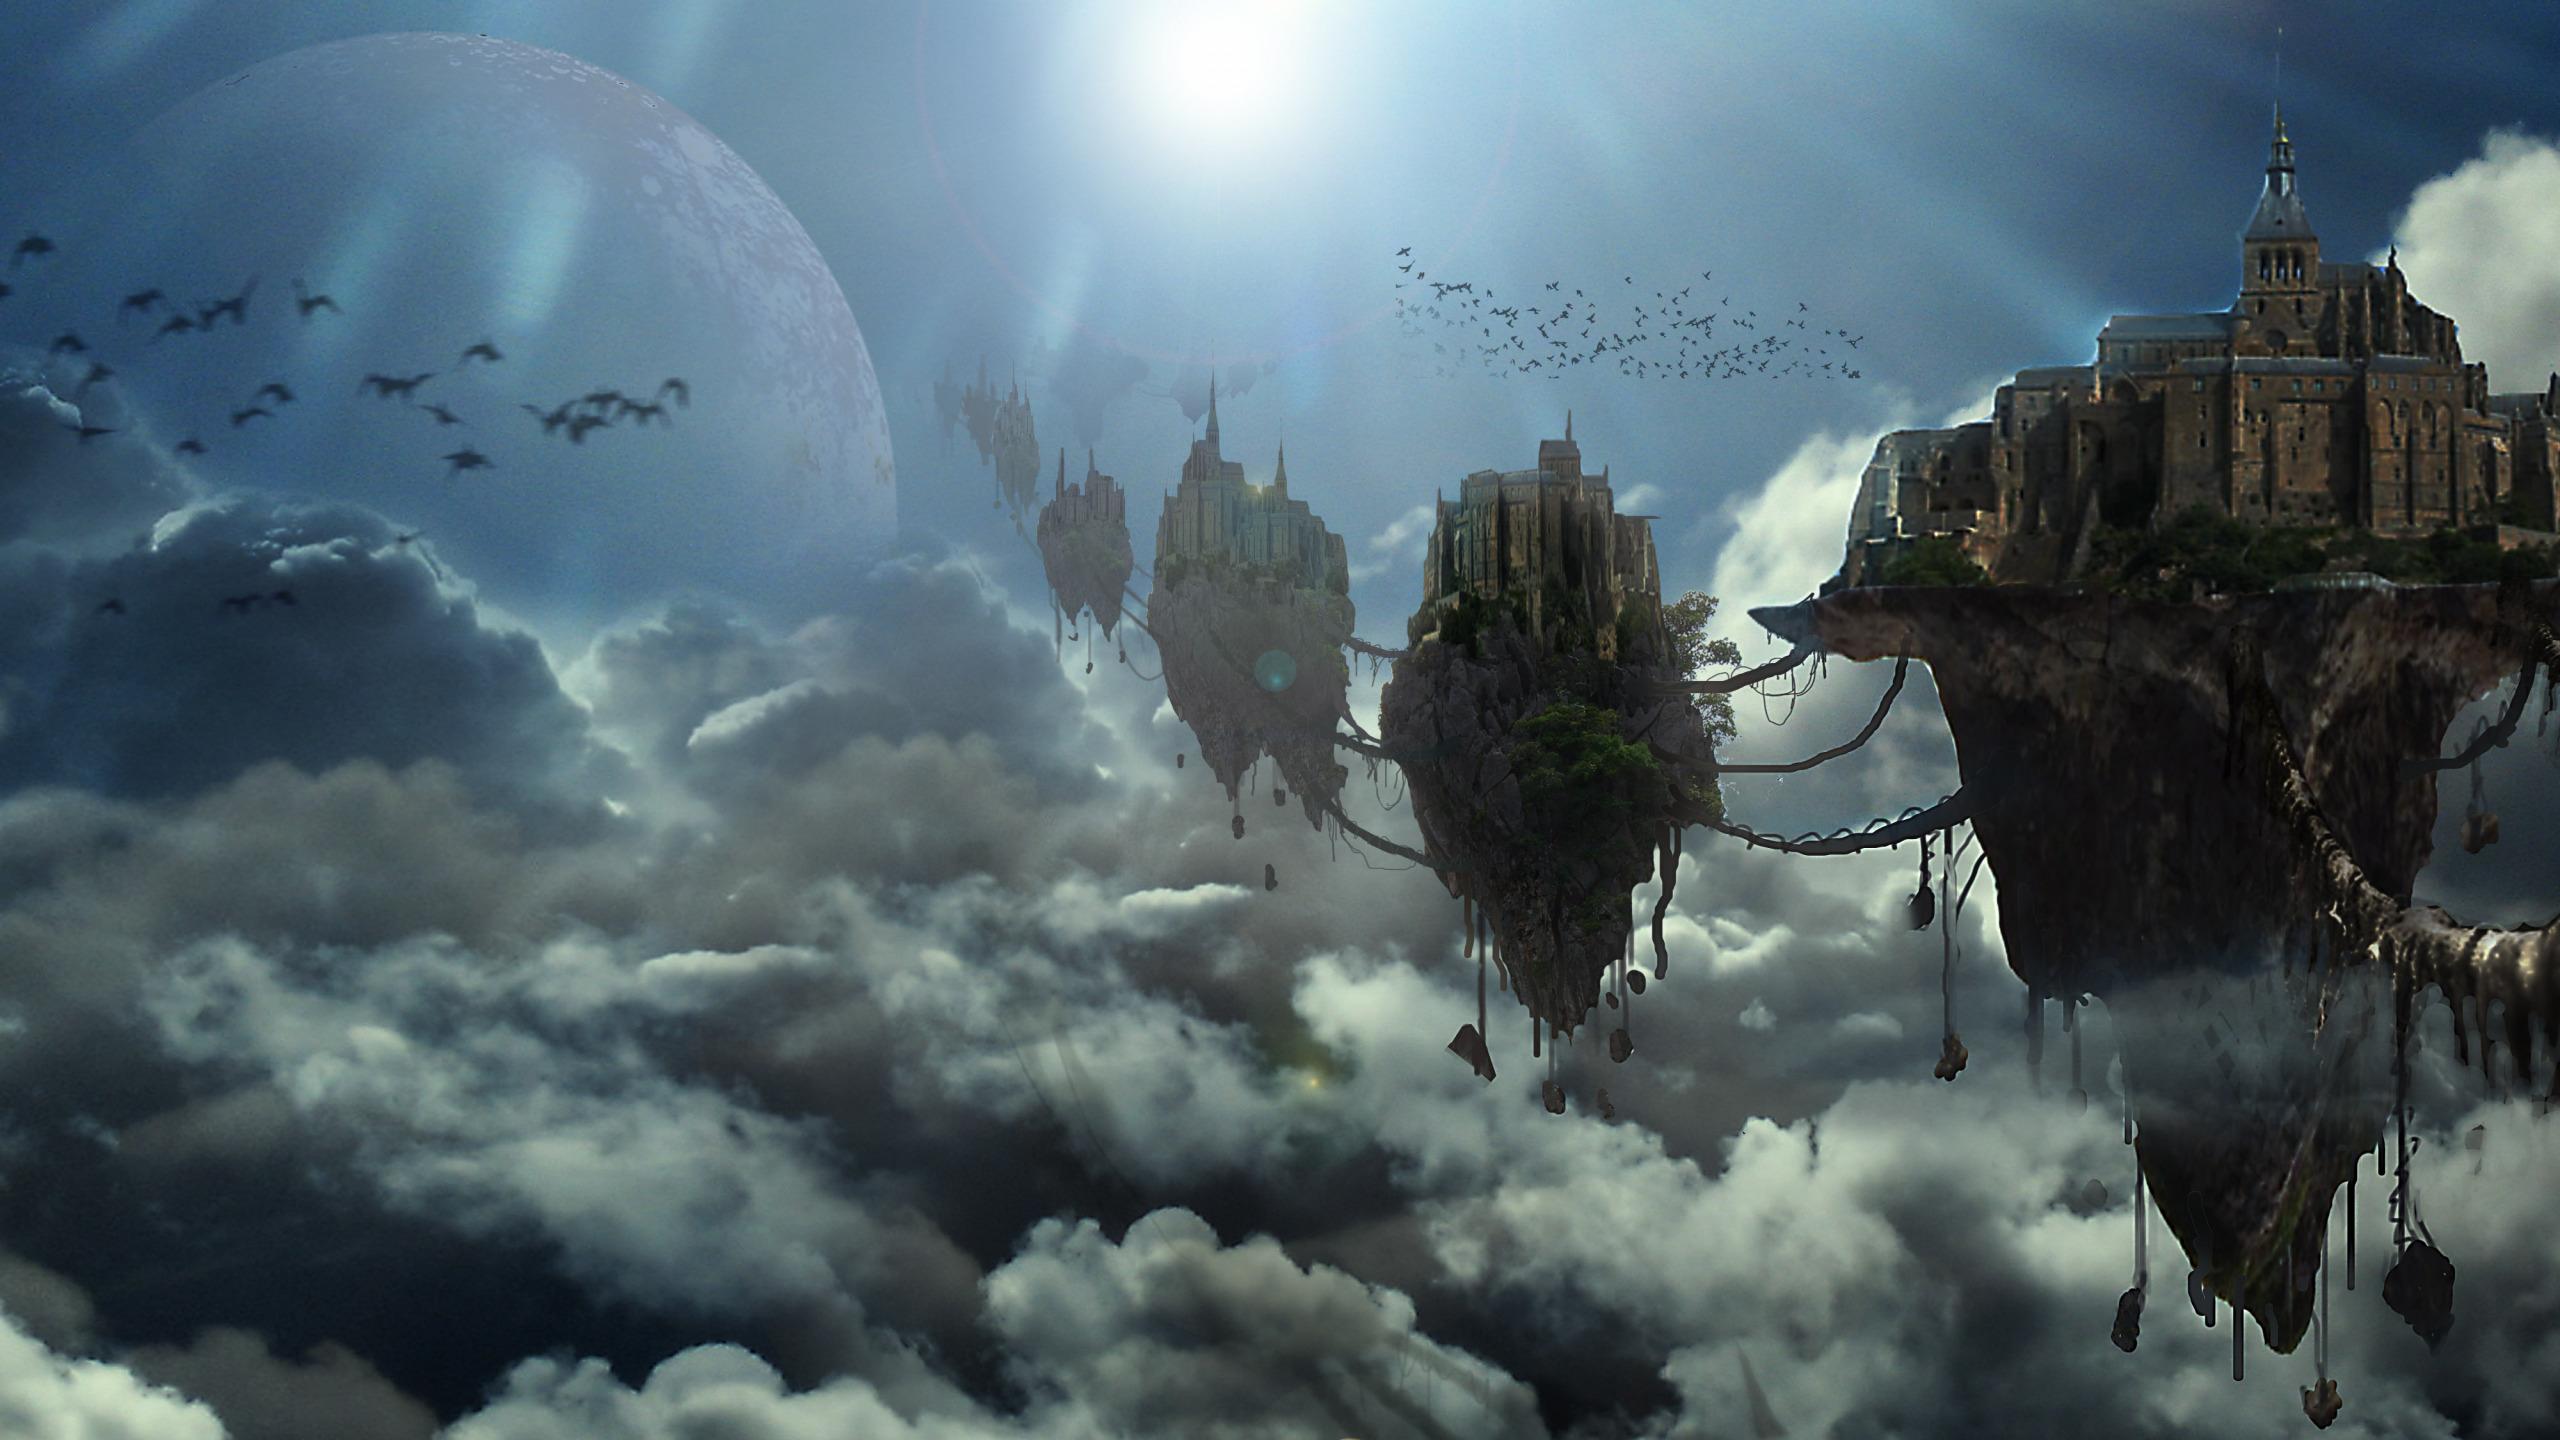 Город в облаках картинка